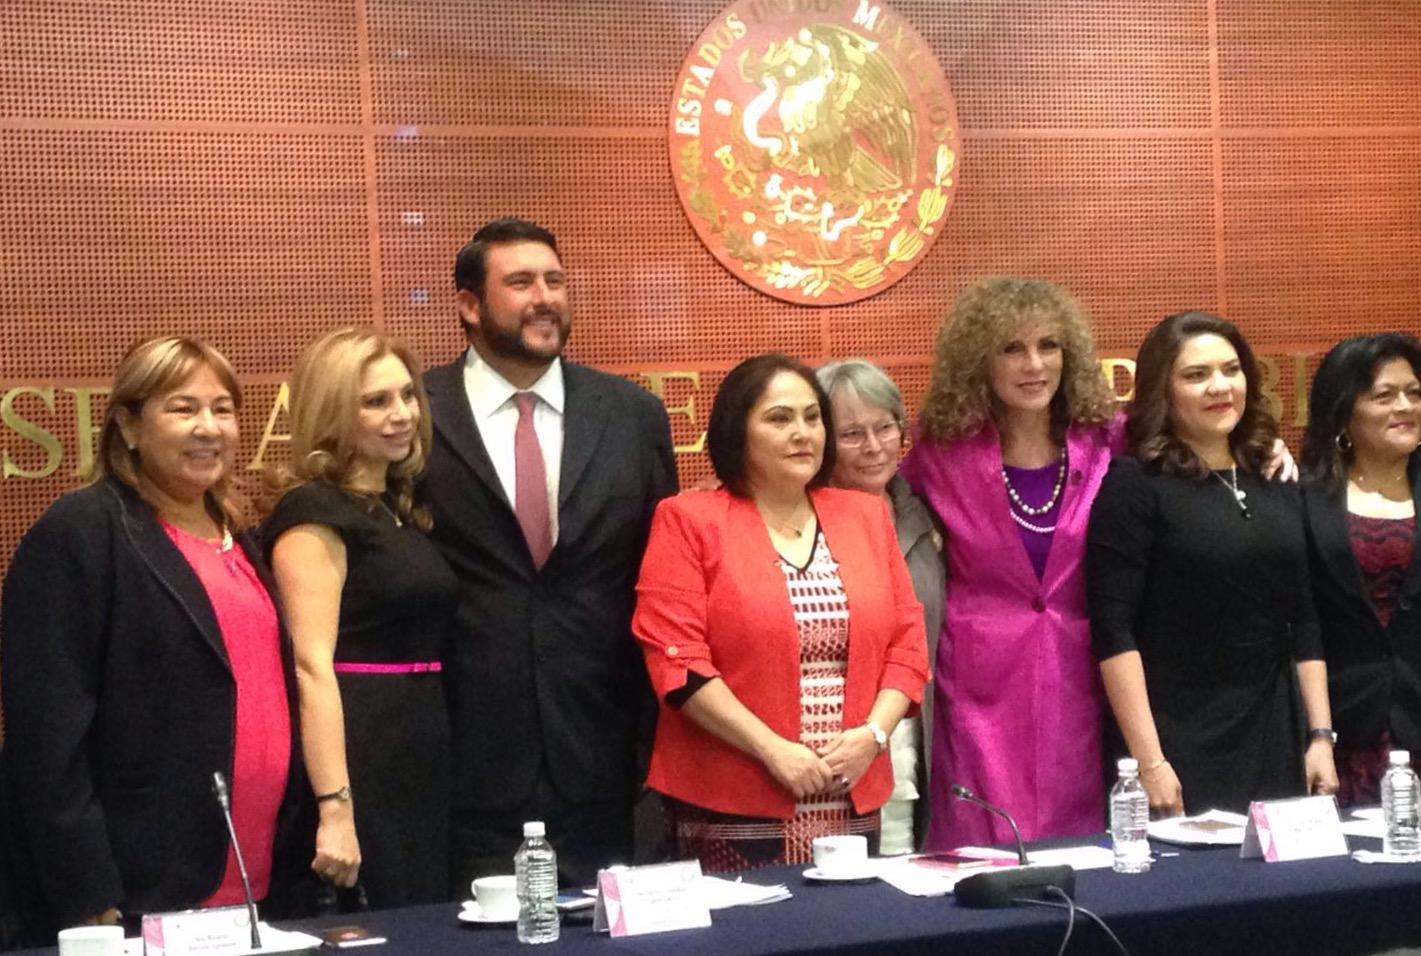 RICARDO BARROSO: EMPODERAMIENTO A LAS MUJERES PARA UN MÉXICO MÁS JUSTO